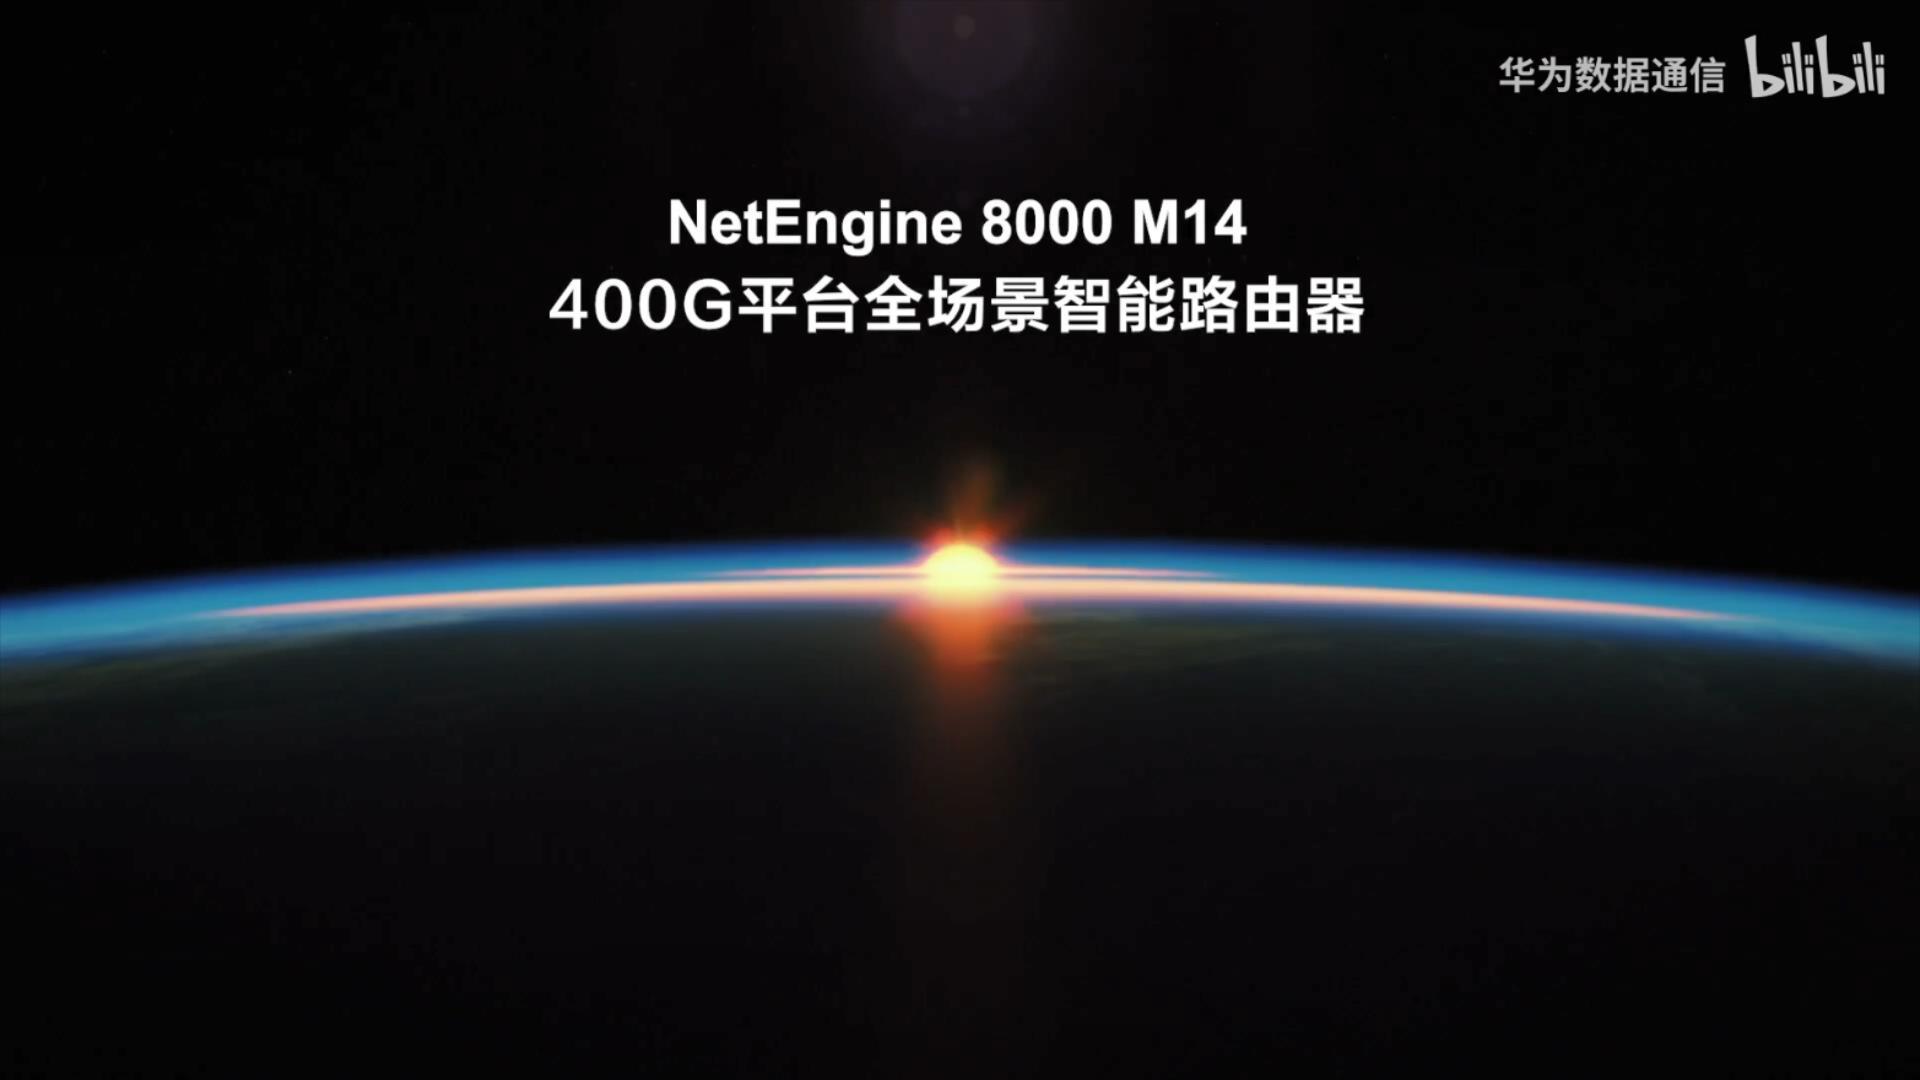 NetEngine 8000 M14 产品介绍